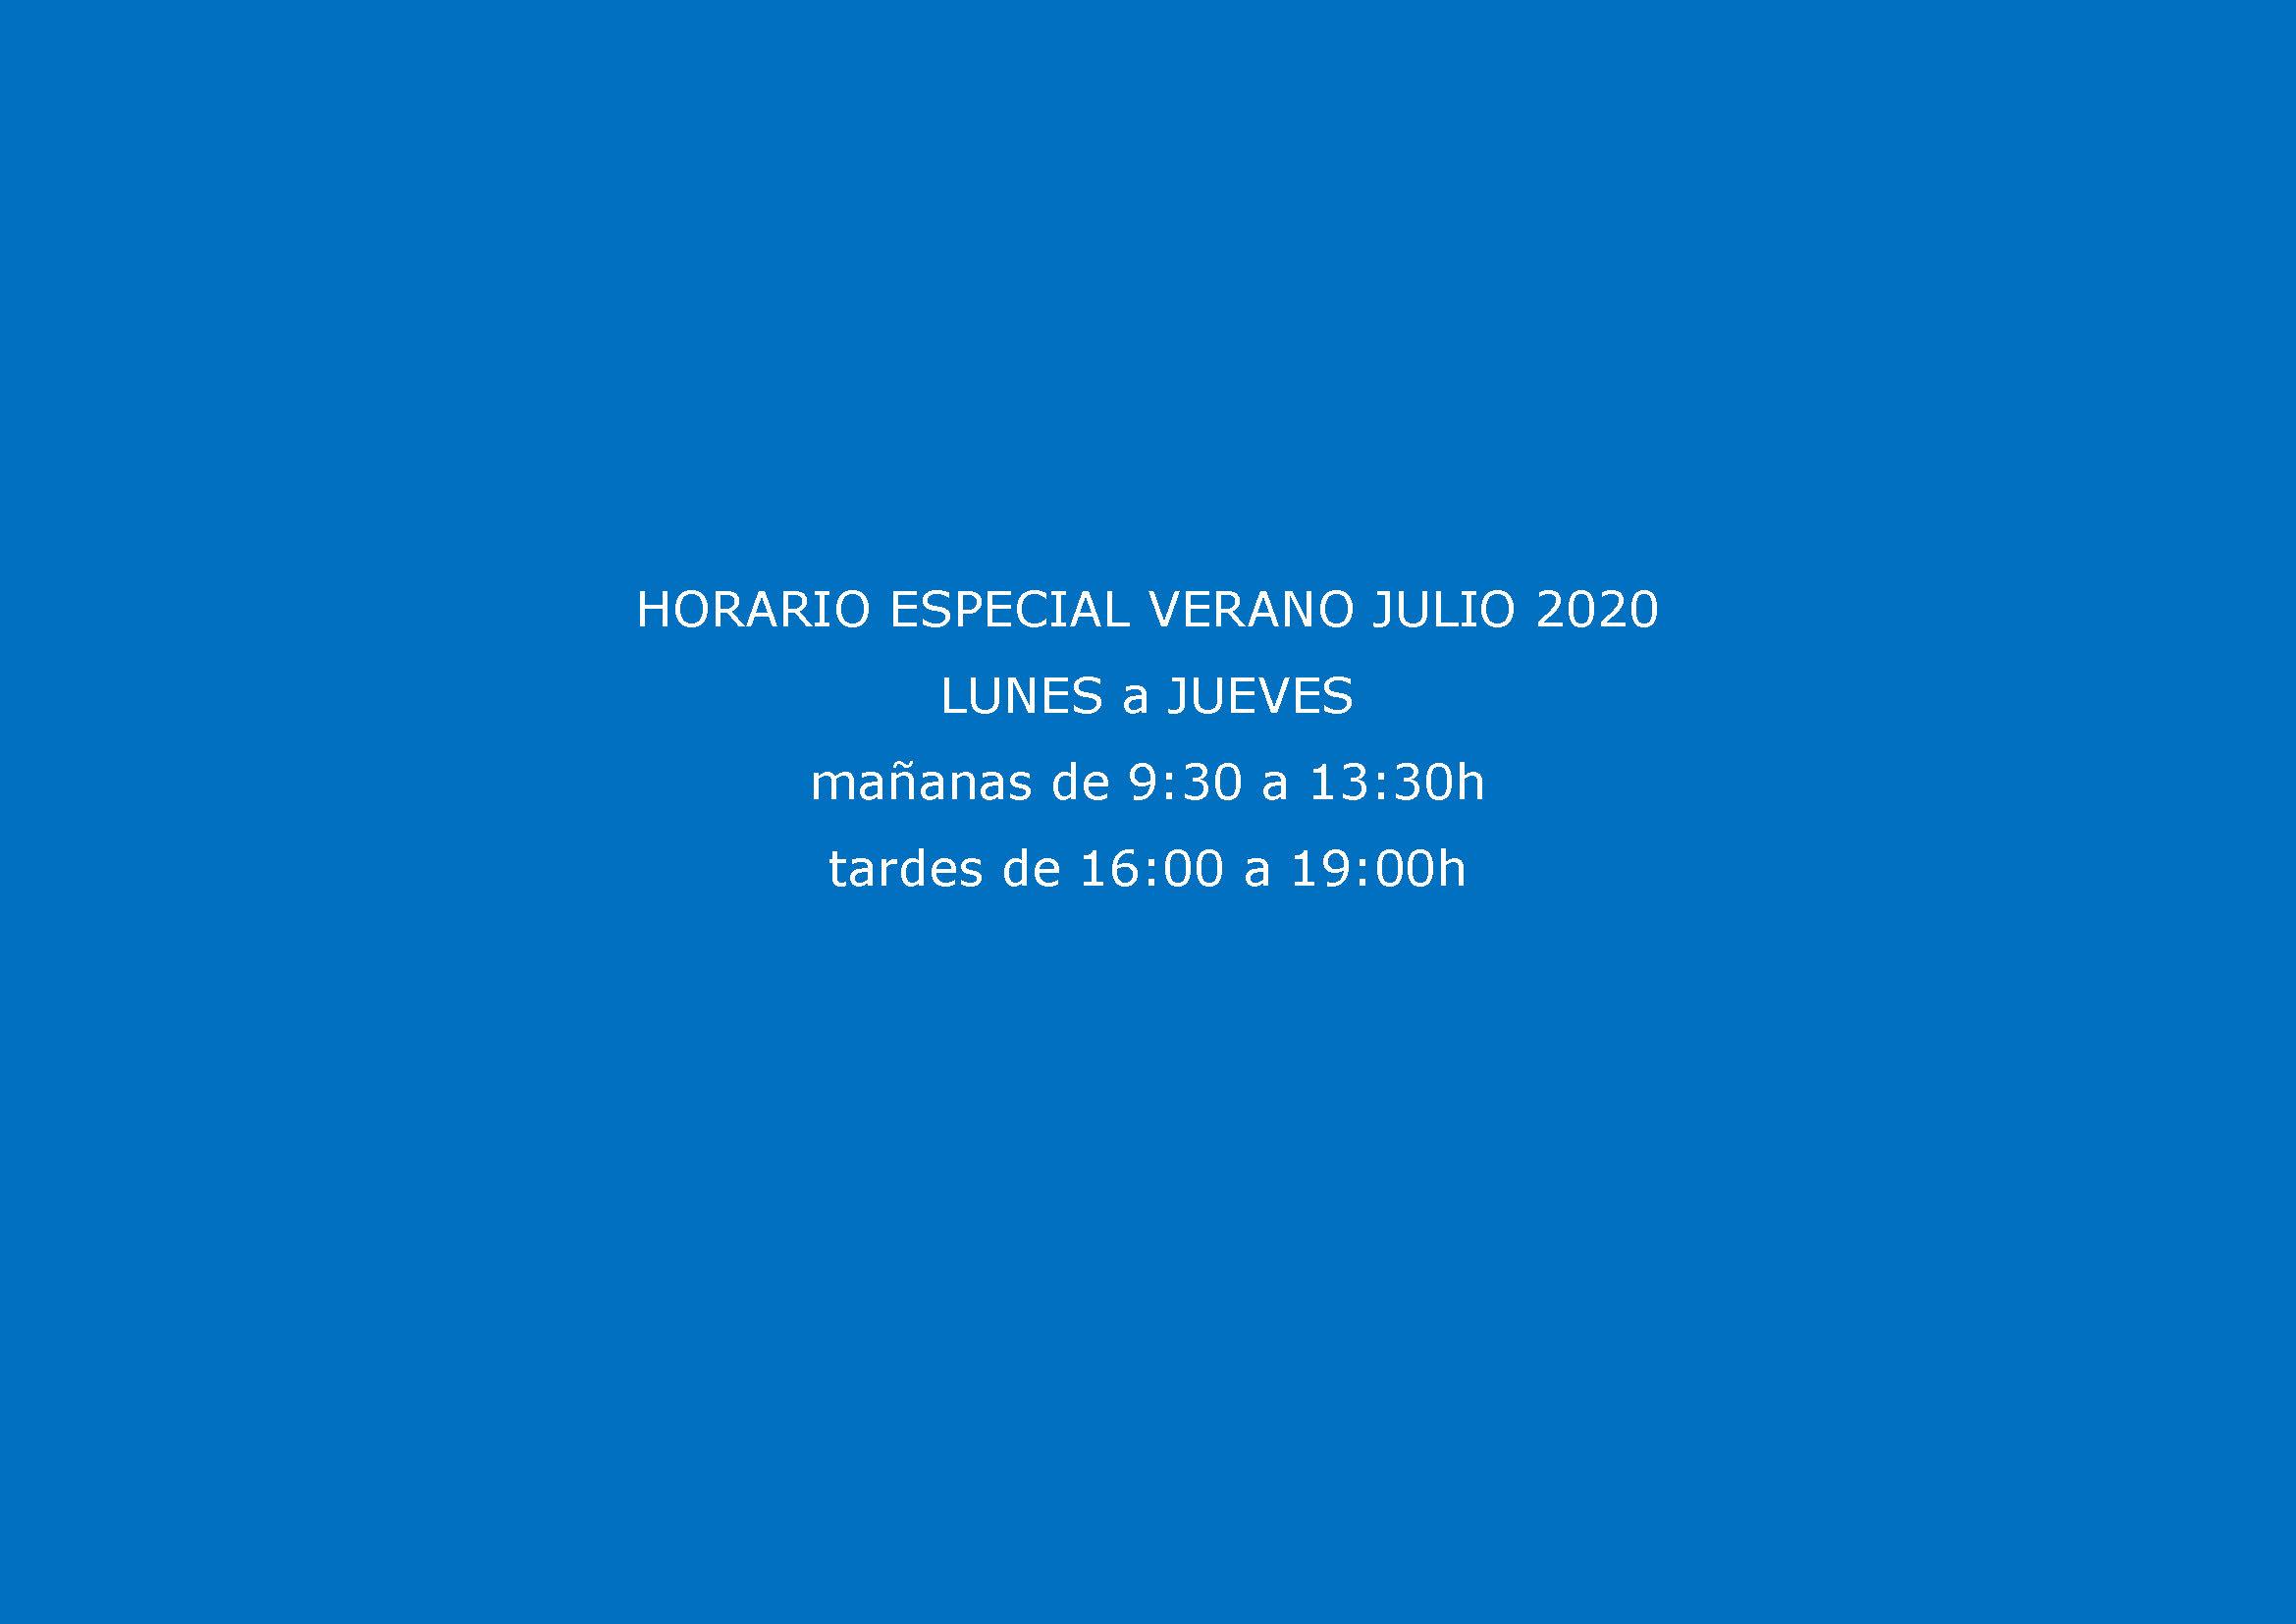 HORARIO ESPECIAL VERANO 2020